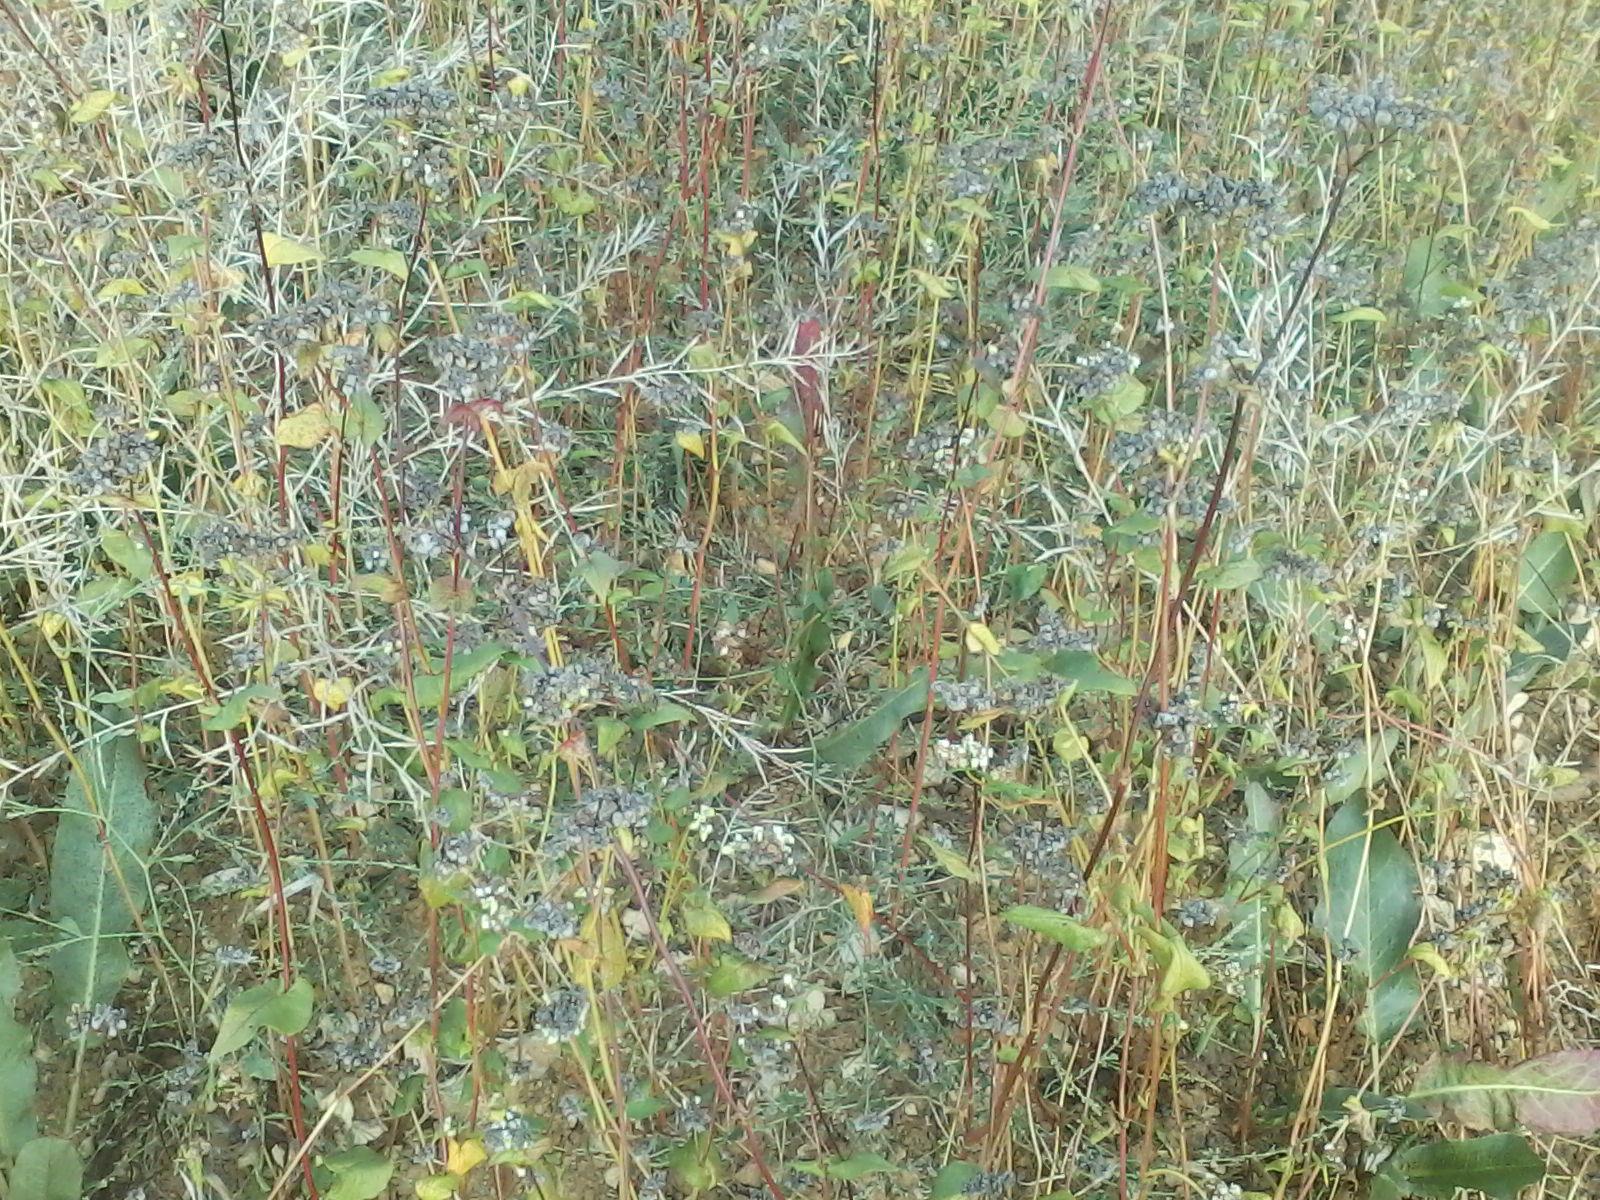 sarrasin et semis de sarrasin - Page 2 177230P080916163501